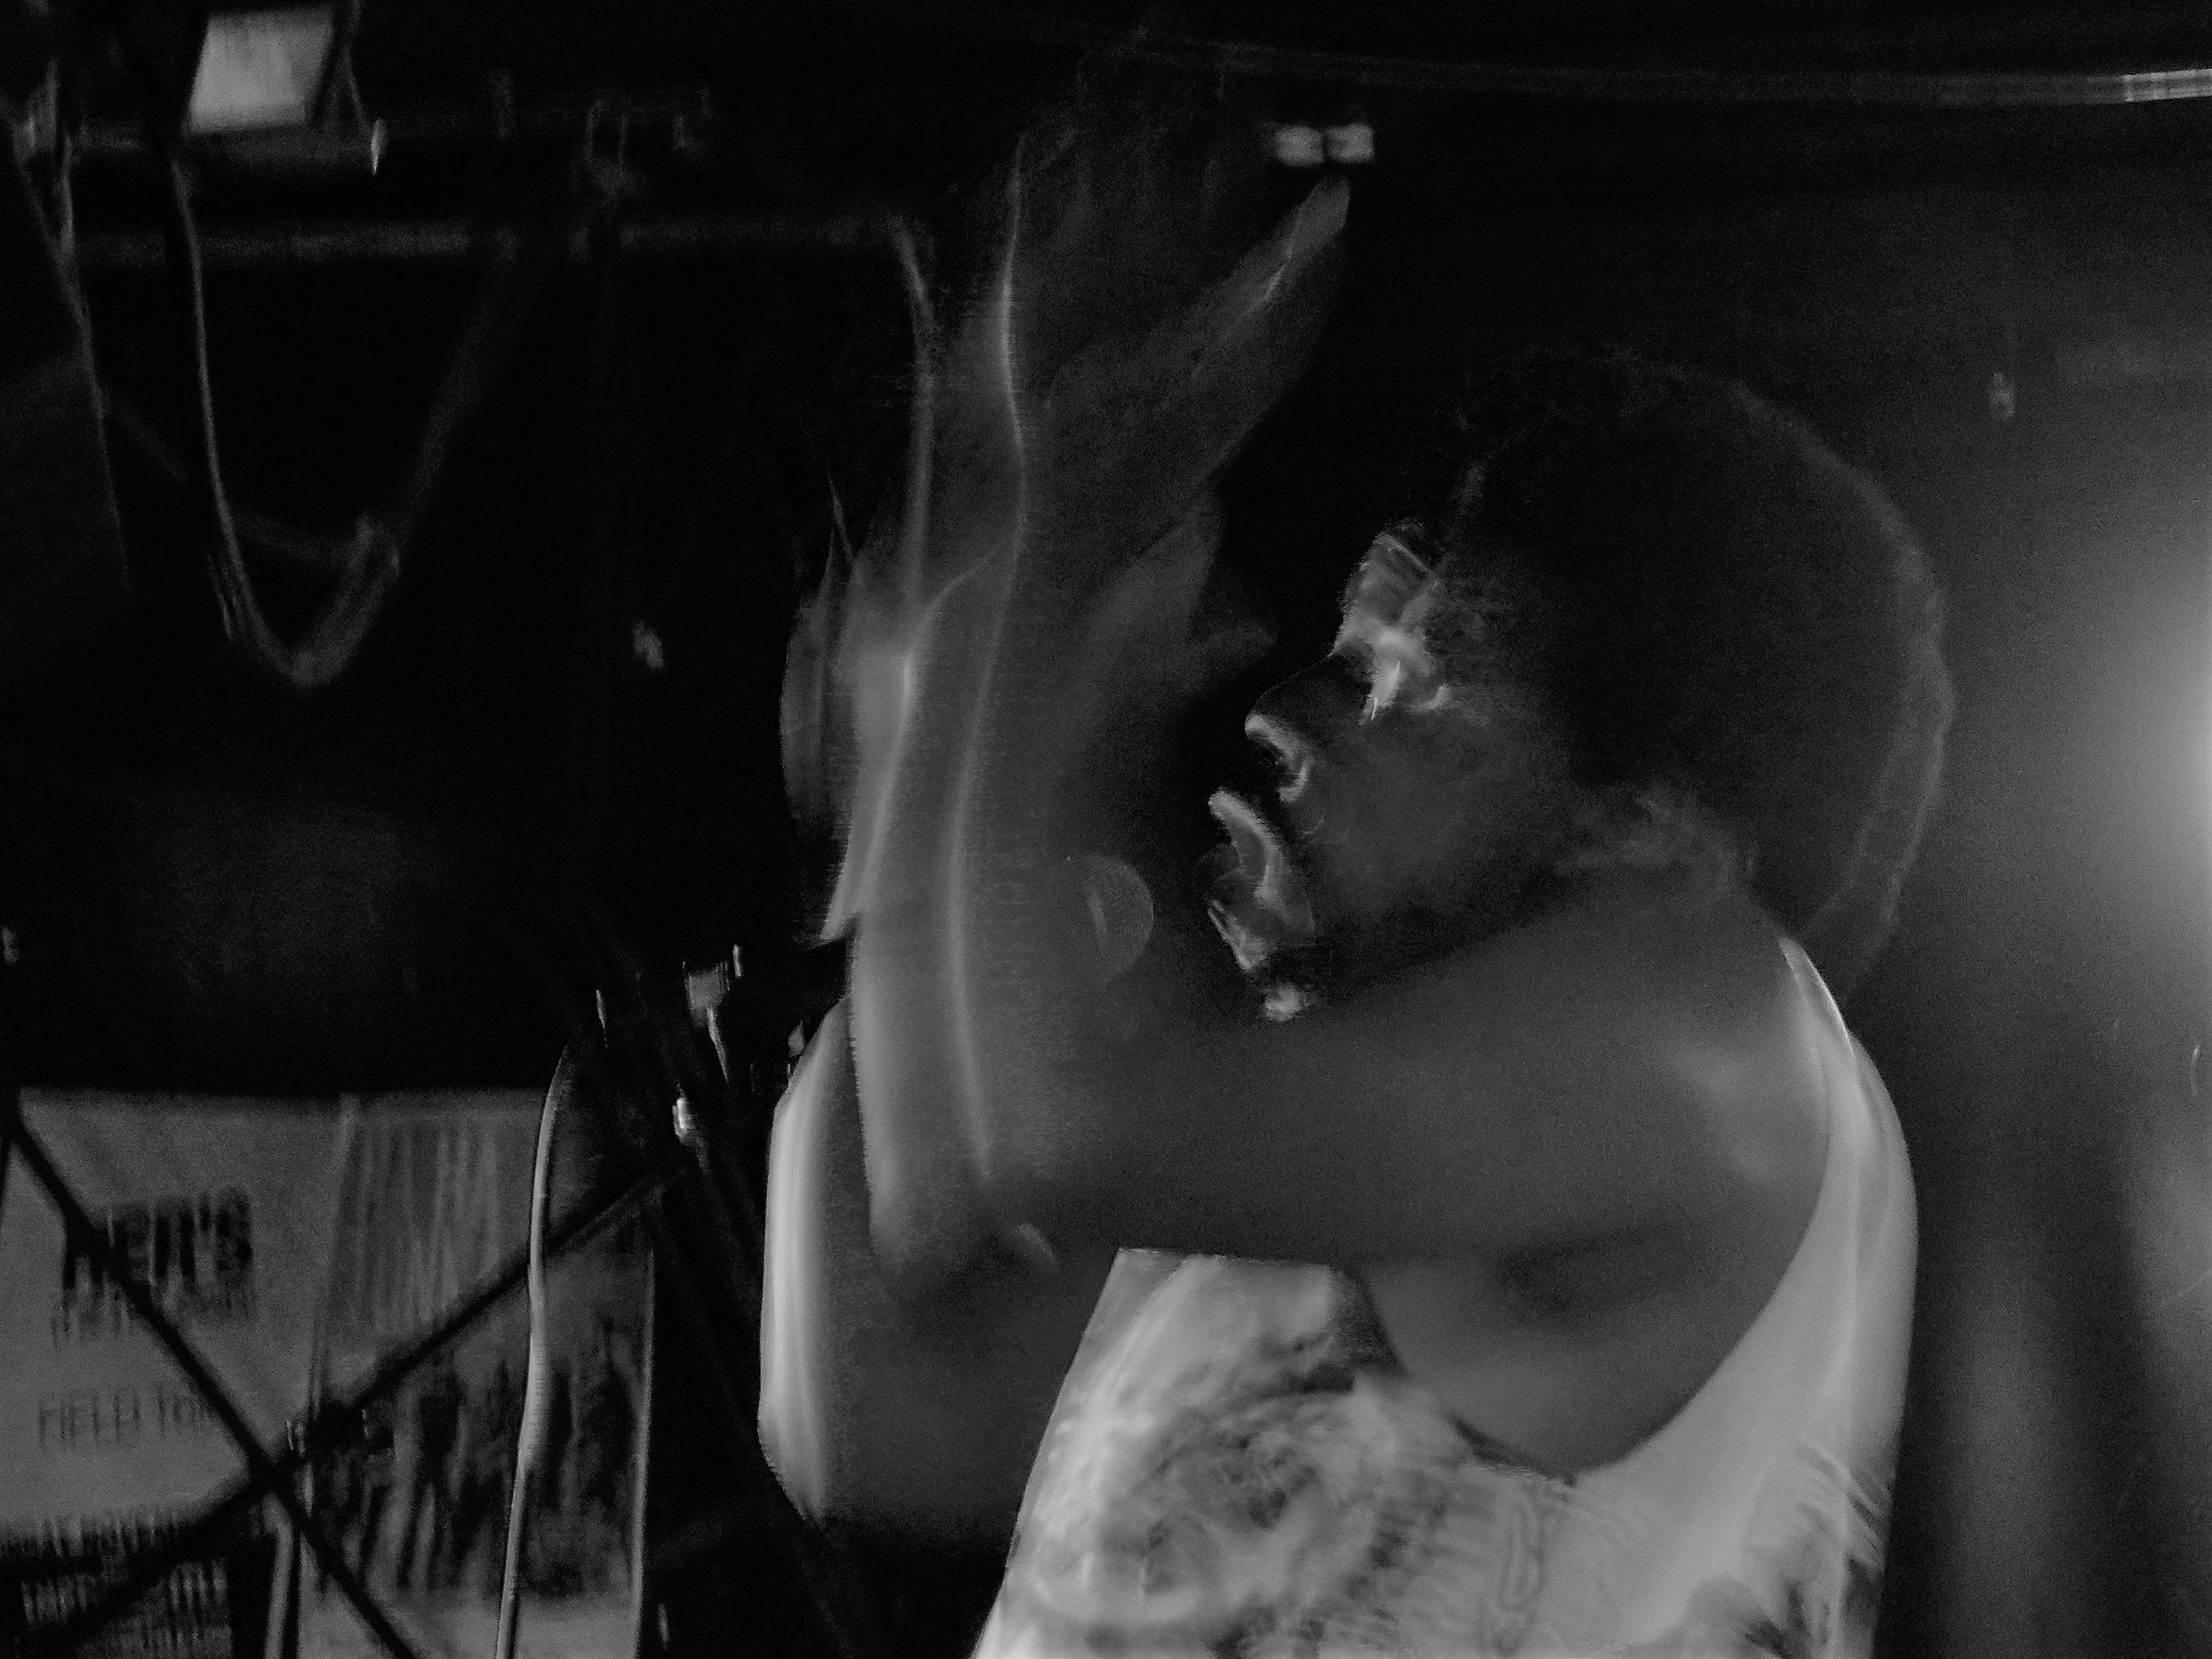 Nnamdi Ogbonnaya / Sen Morimoto / Glitter Moneyyy - The Empty BottleNovember 9th